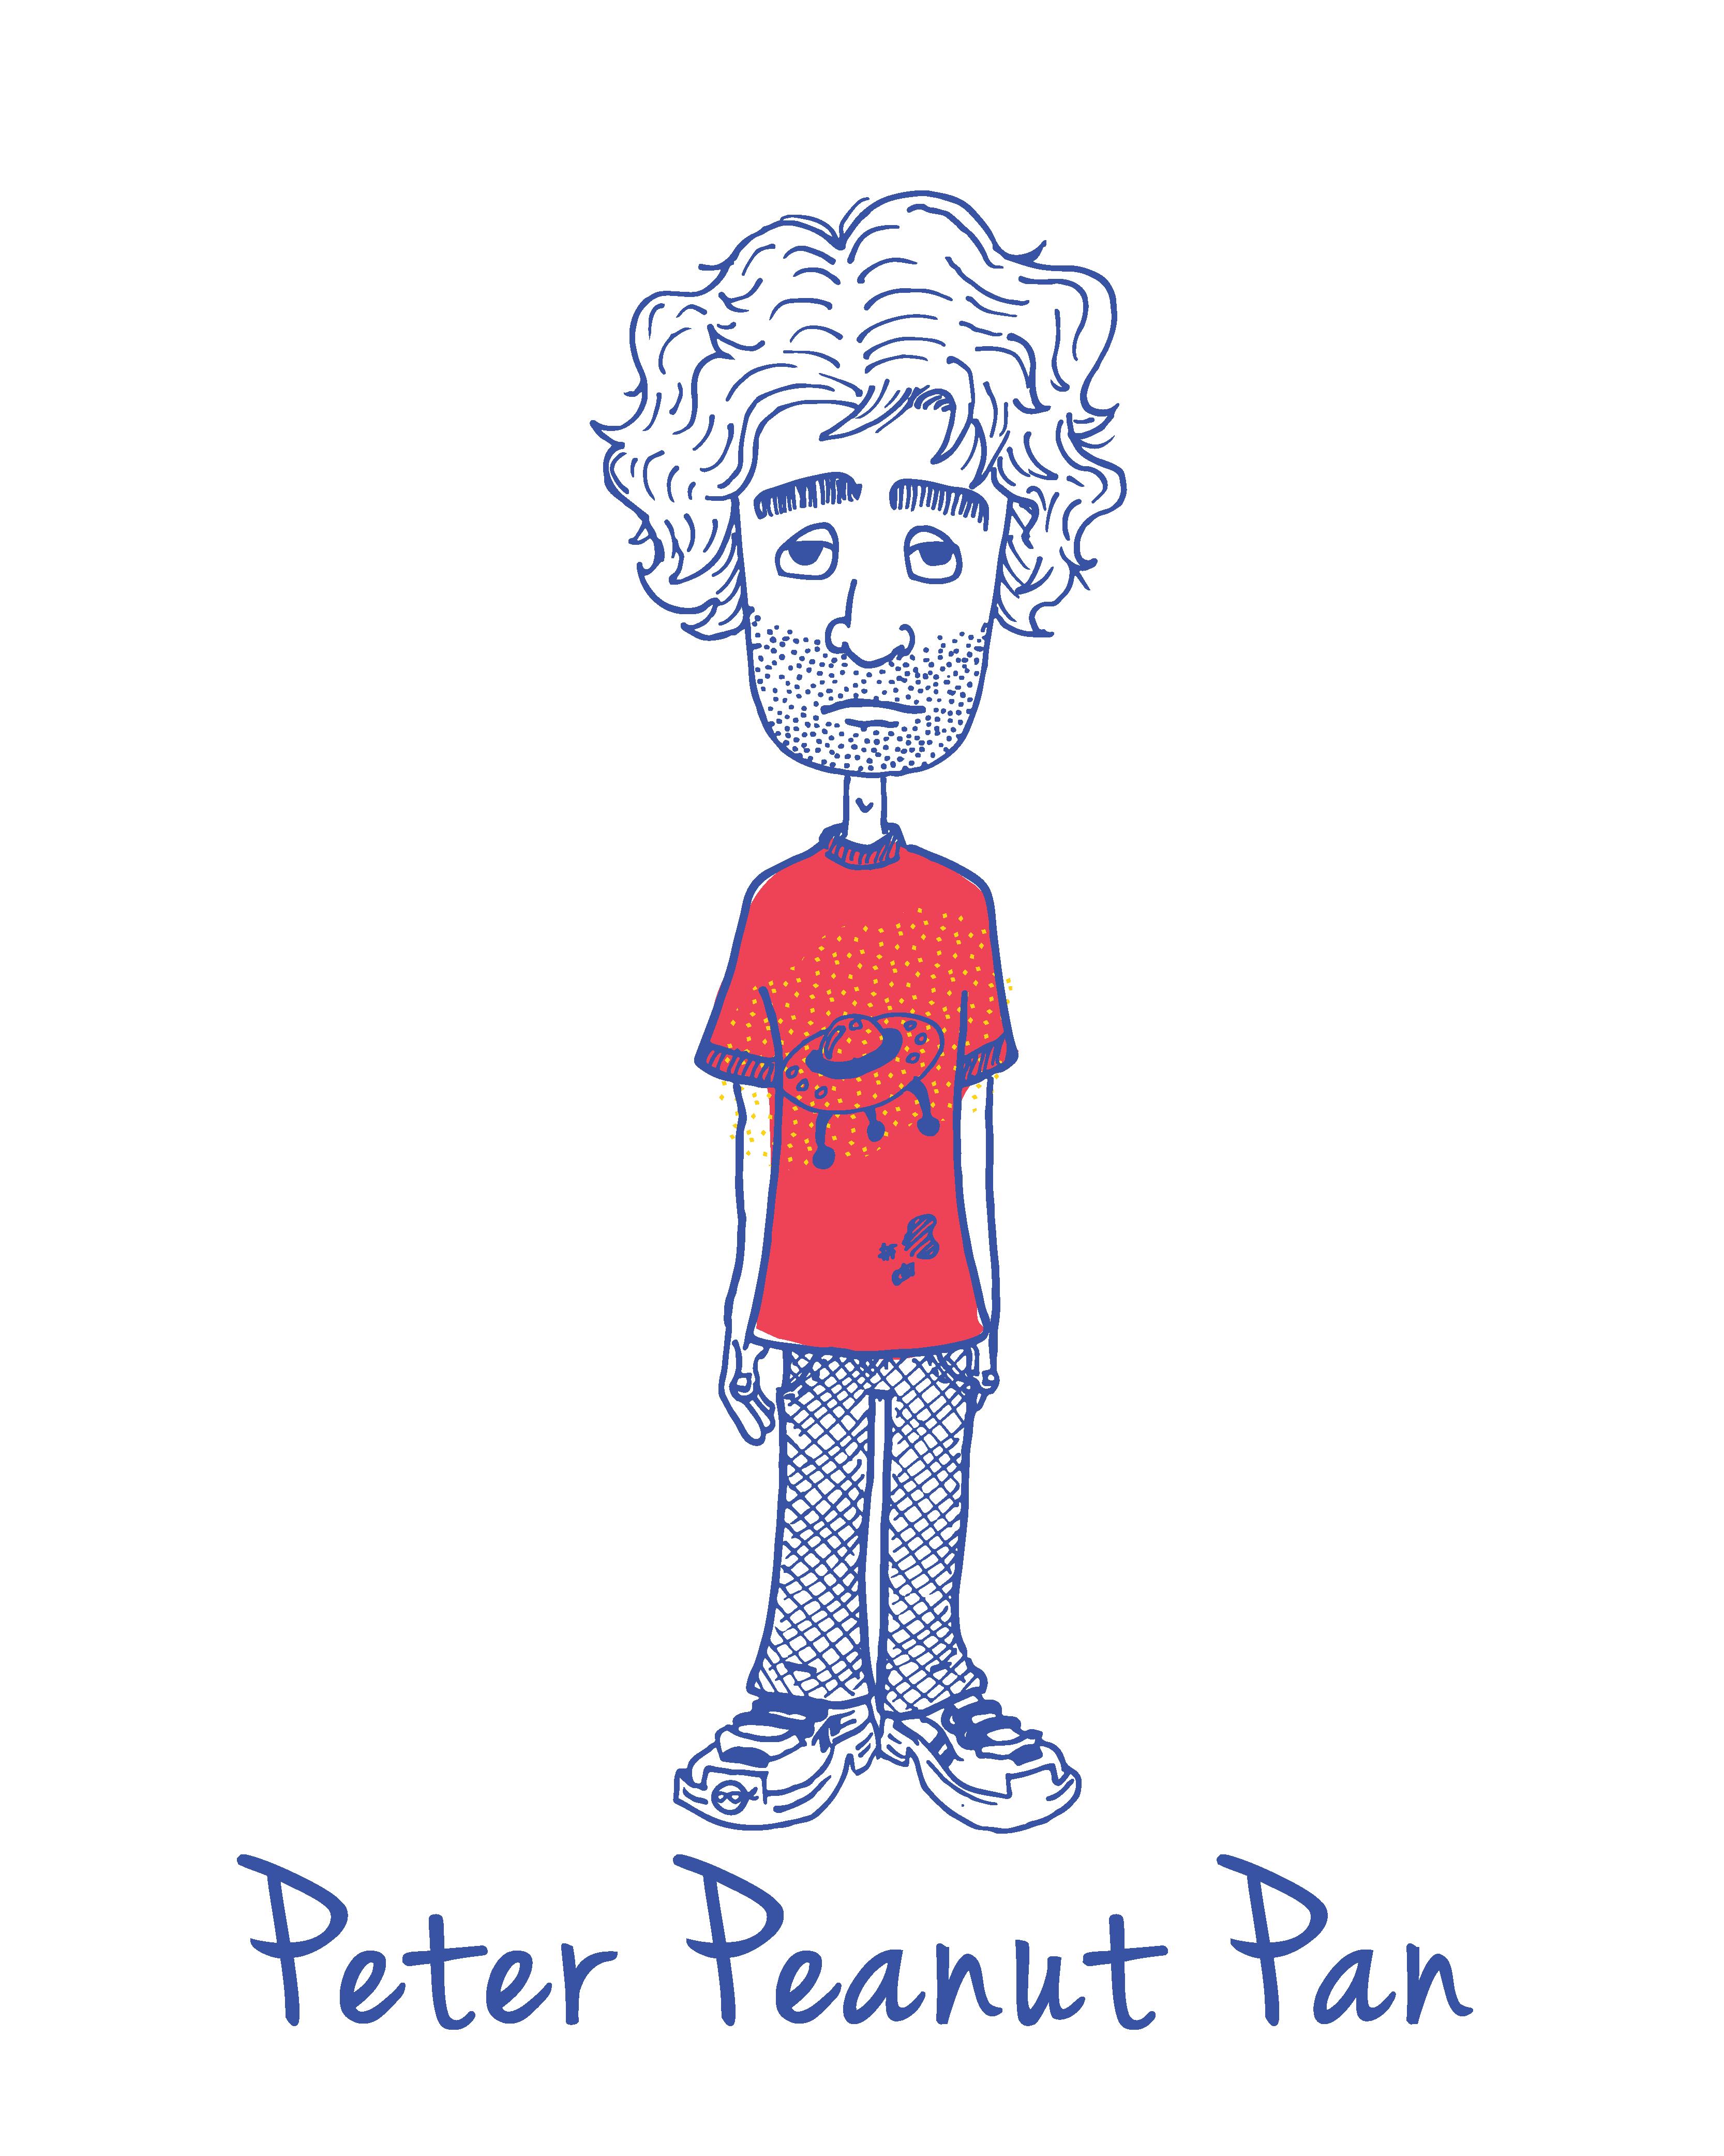 You're Peter Peanut Pan